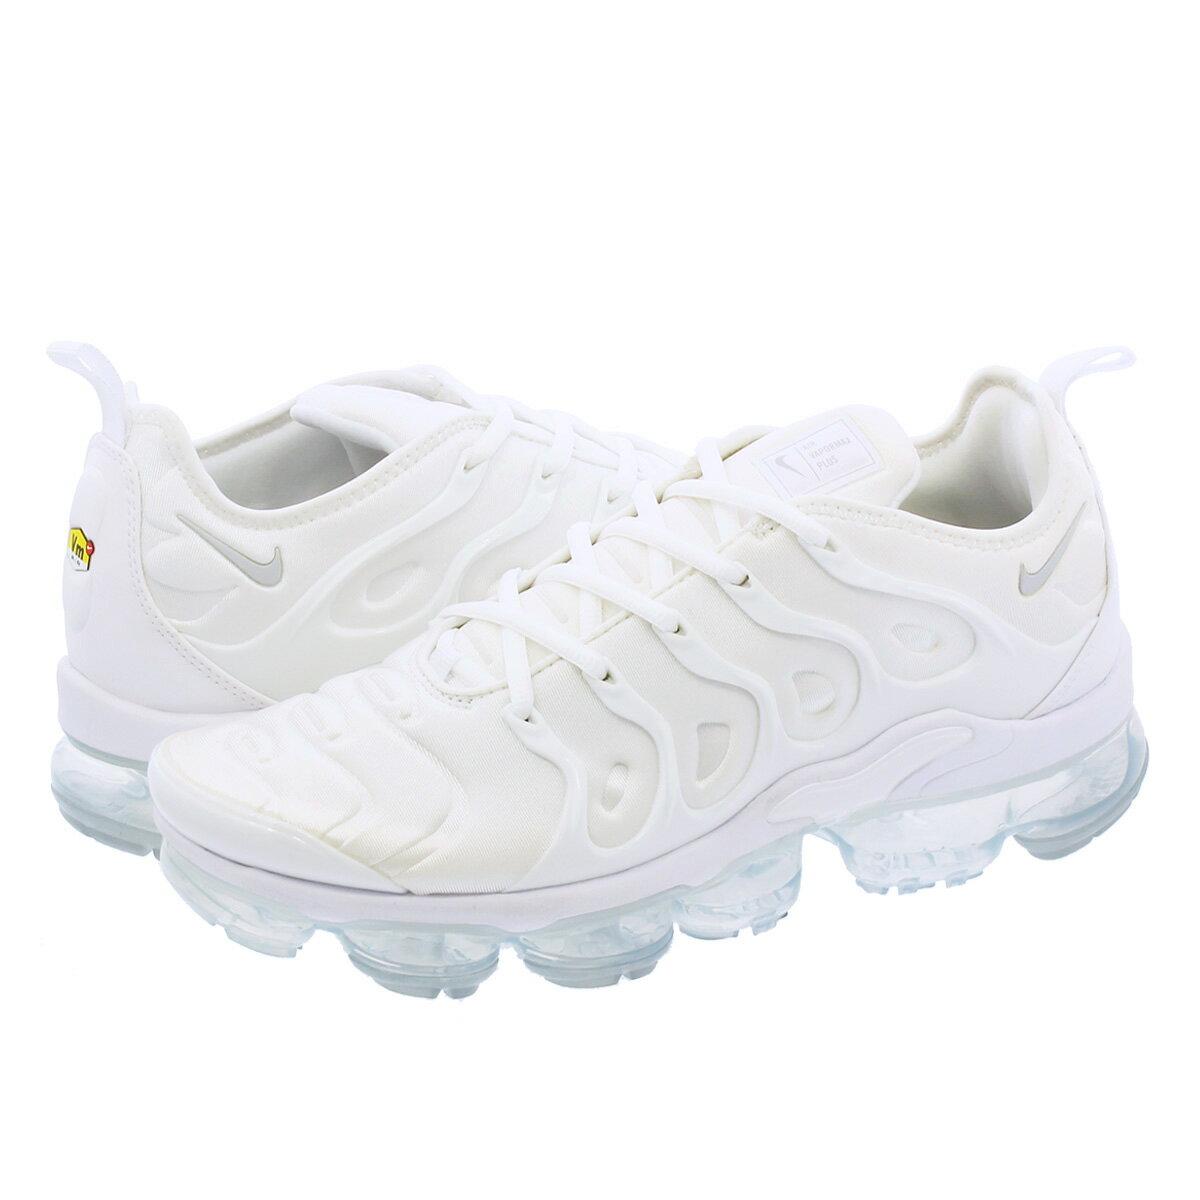 メンズ靴, スニーカー NIKE AIR VAPORMAX PLUS WHITEWHITEPURE PLATINUM 924453-100